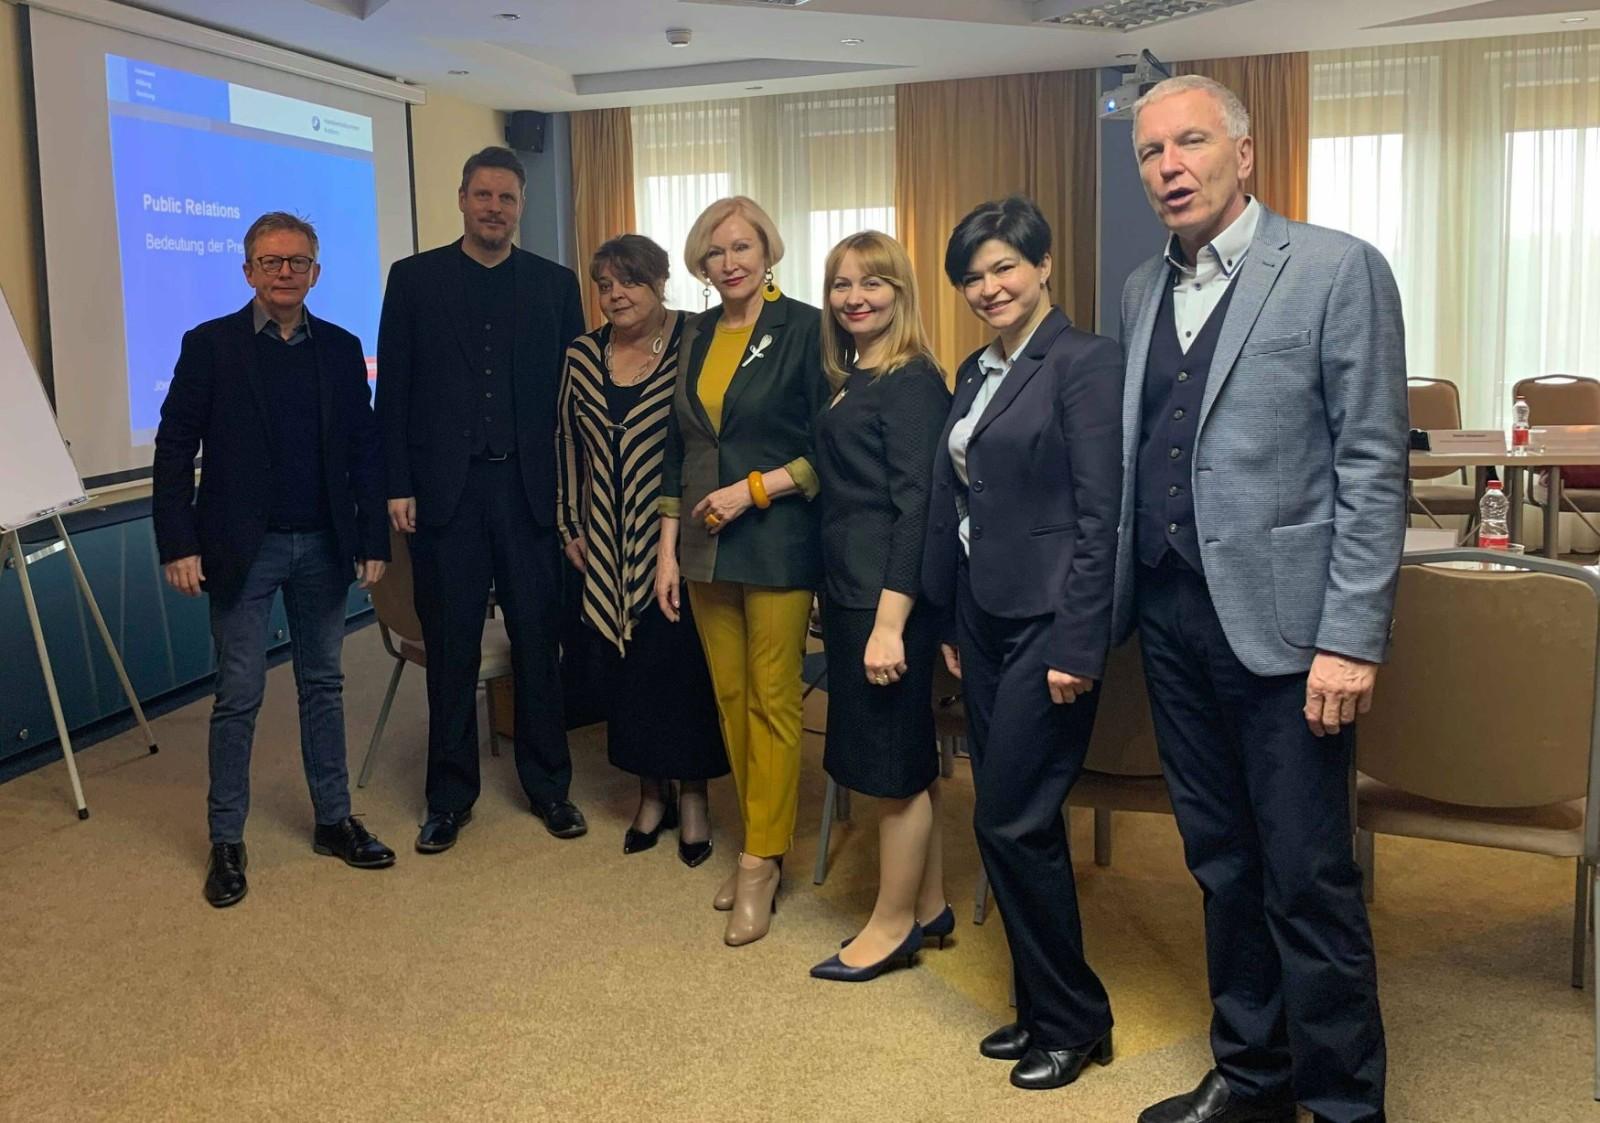 Einige Teilnehmer des Fundraising-Seminars in Minsk